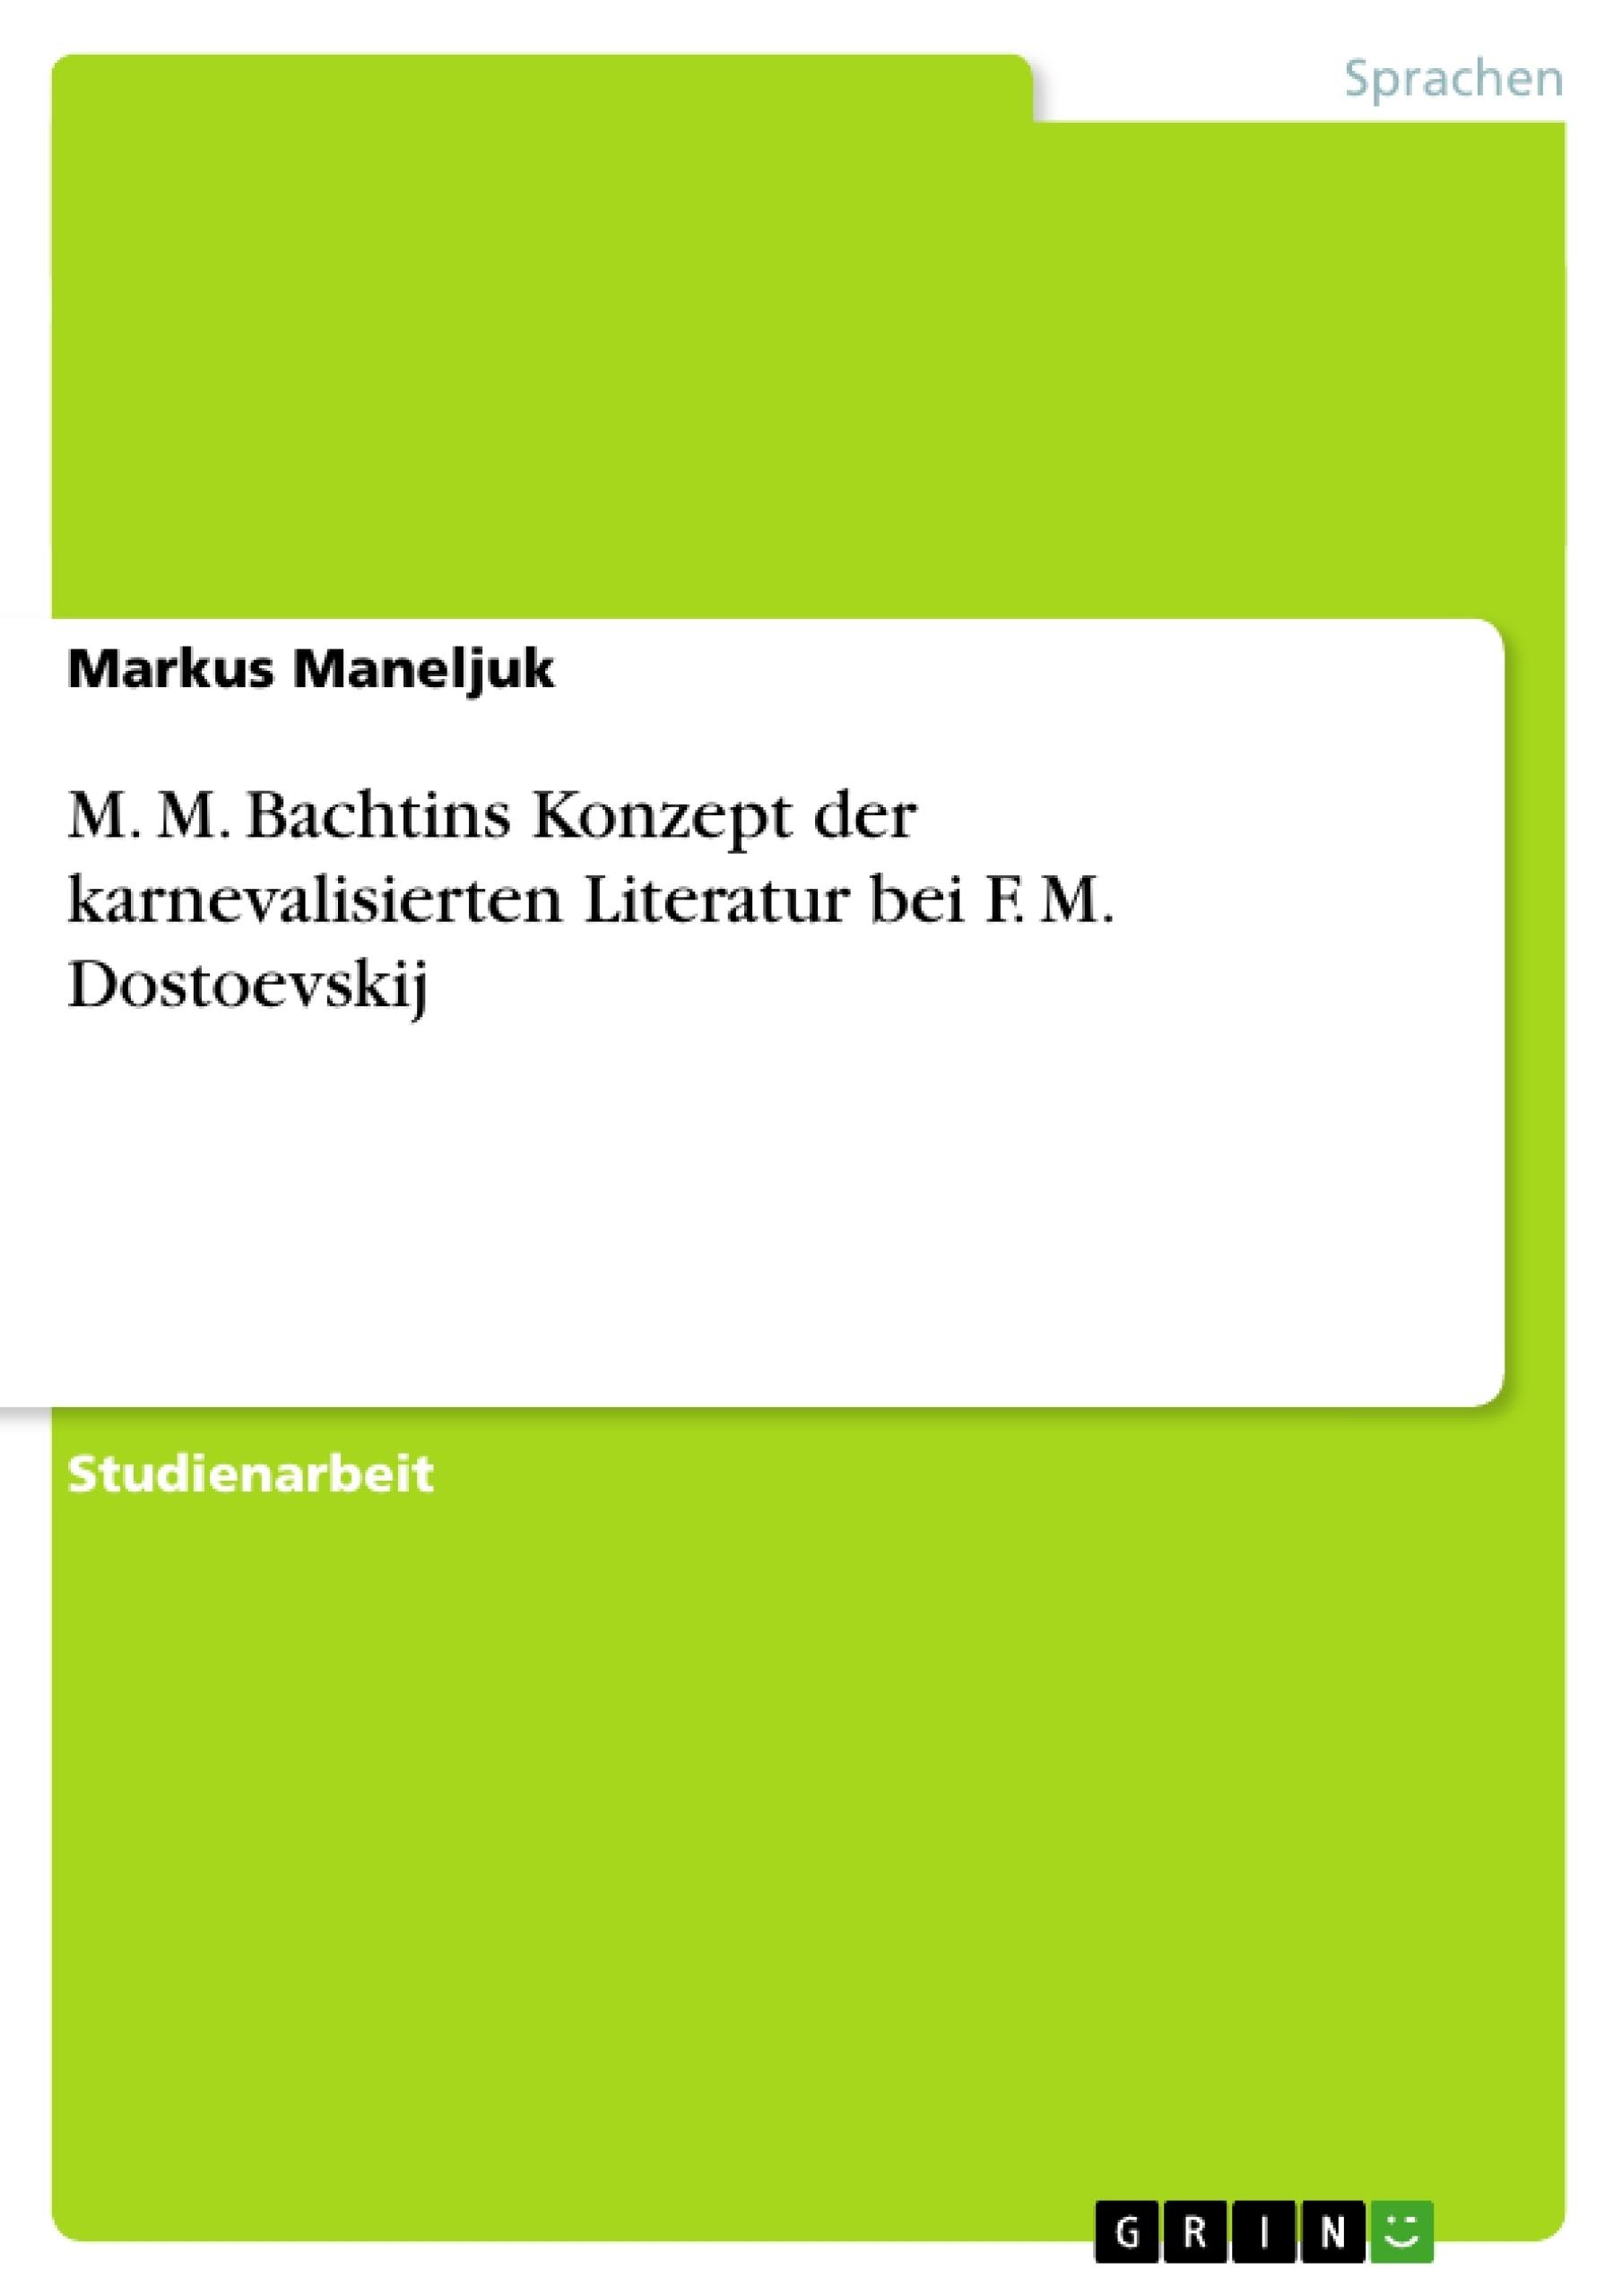 Titel: M. M. Bachtins Konzept der karnevalisierten Literatur bei F. M. Dostoevskij